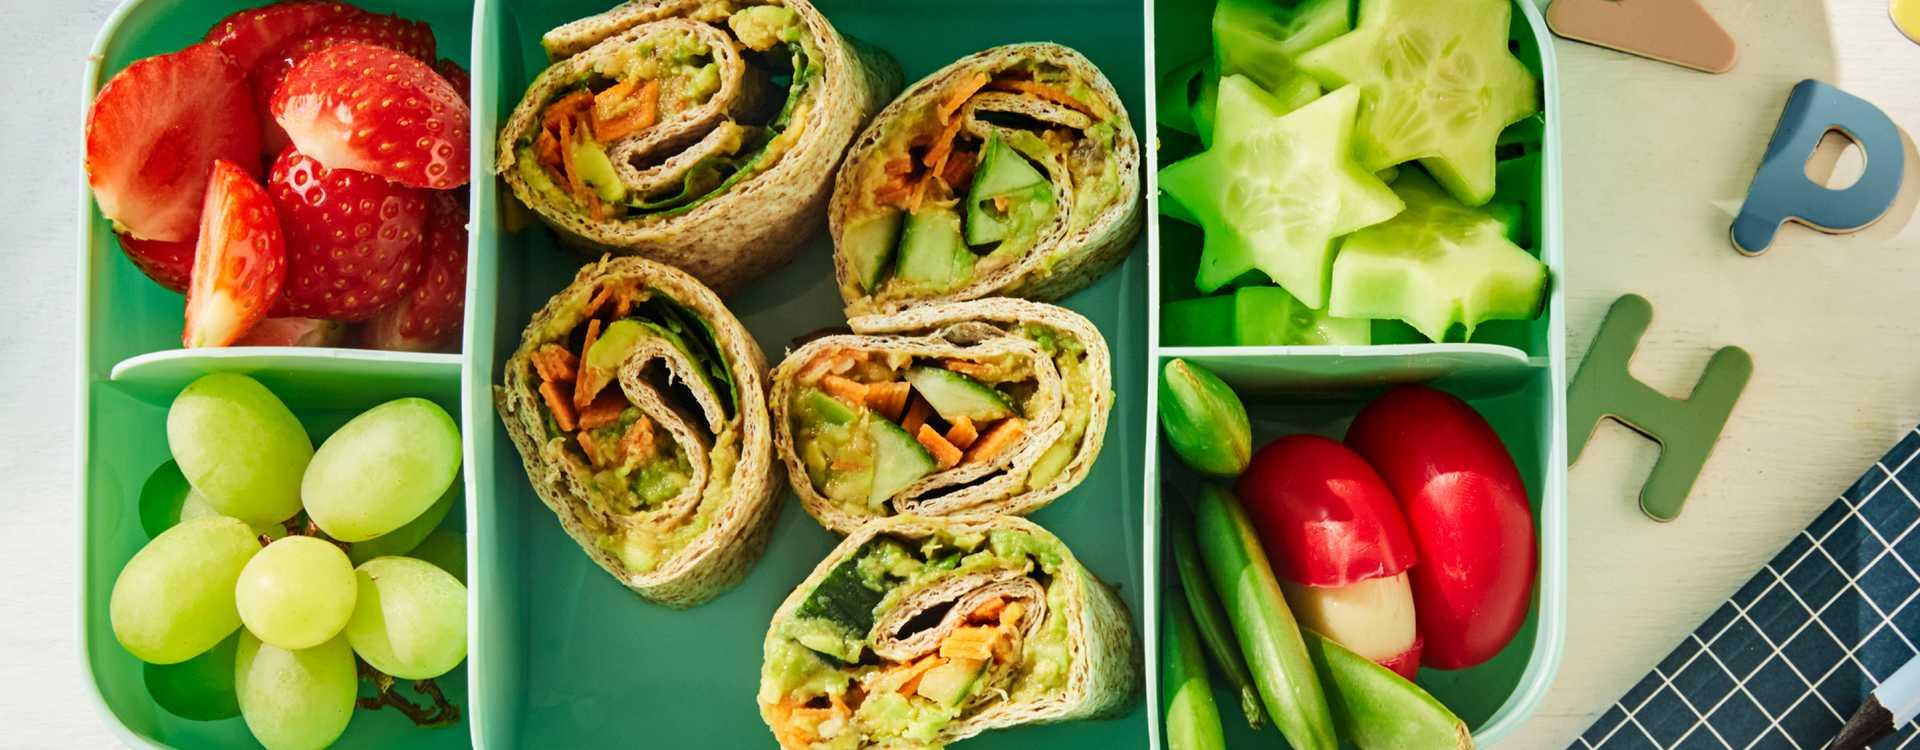 Grov wrap med hummus og grønnsaker